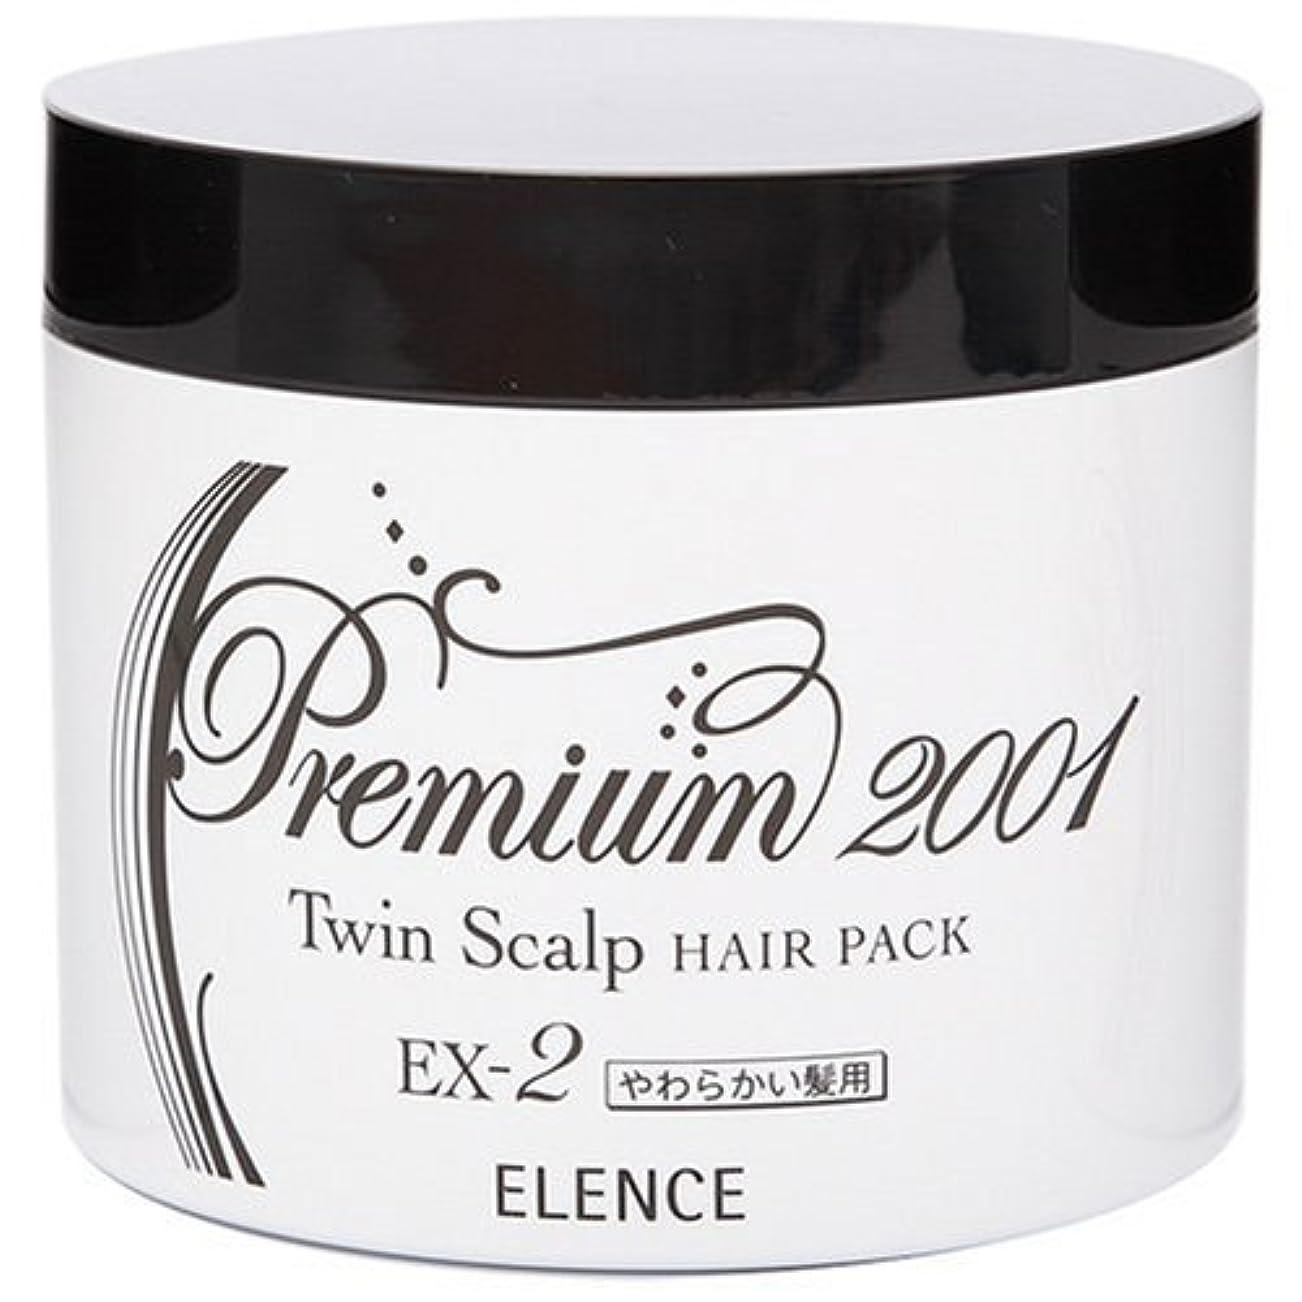 最も食べる偶然のエレンス2001 ツインスキャルプヘアパックEX-2(やわらかい髪用)